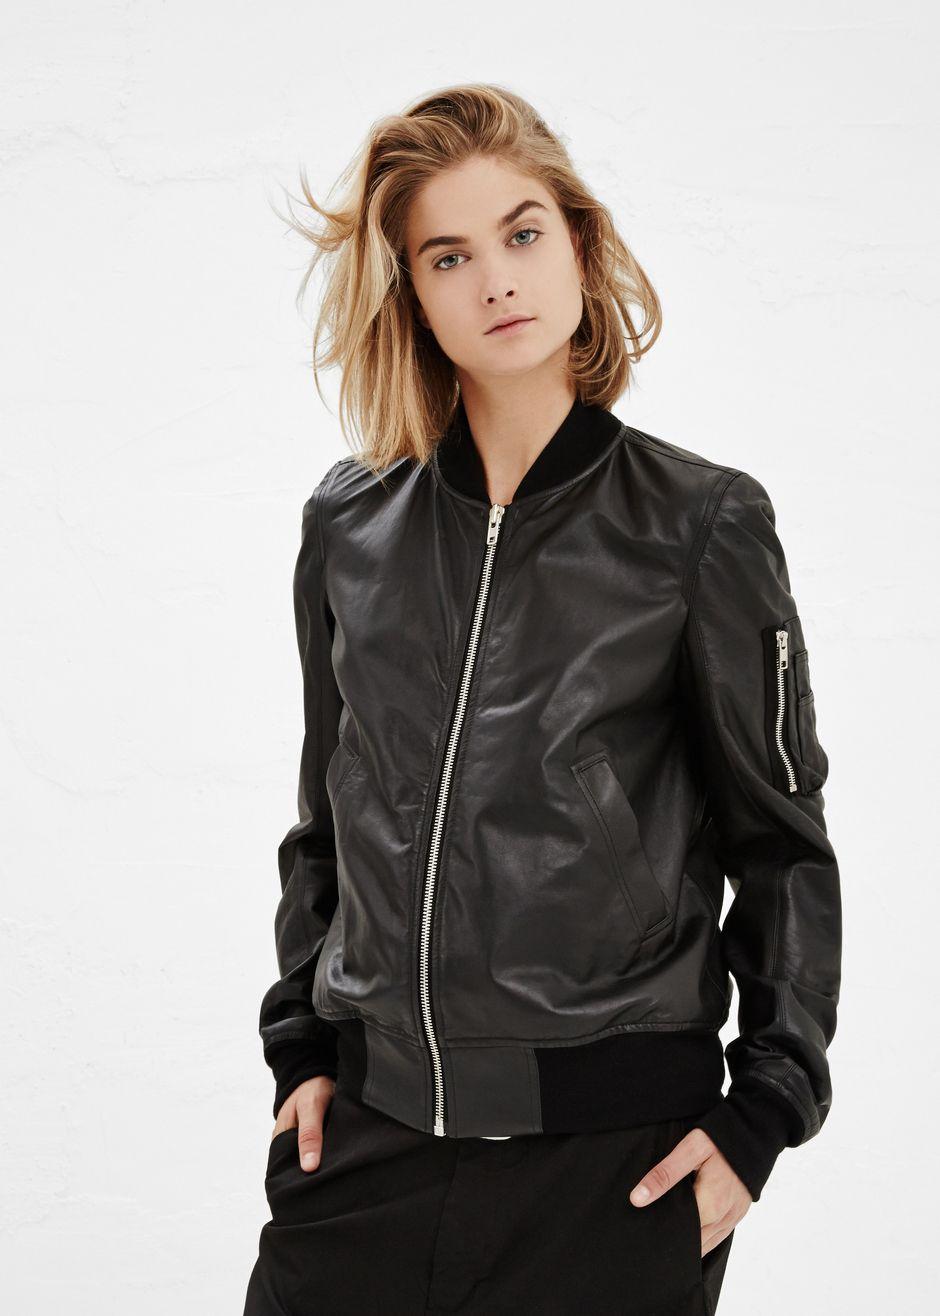 b9c096796 Rick Owens Cropped Leather Bomber Jacket (Black) | Shopping 2 ...